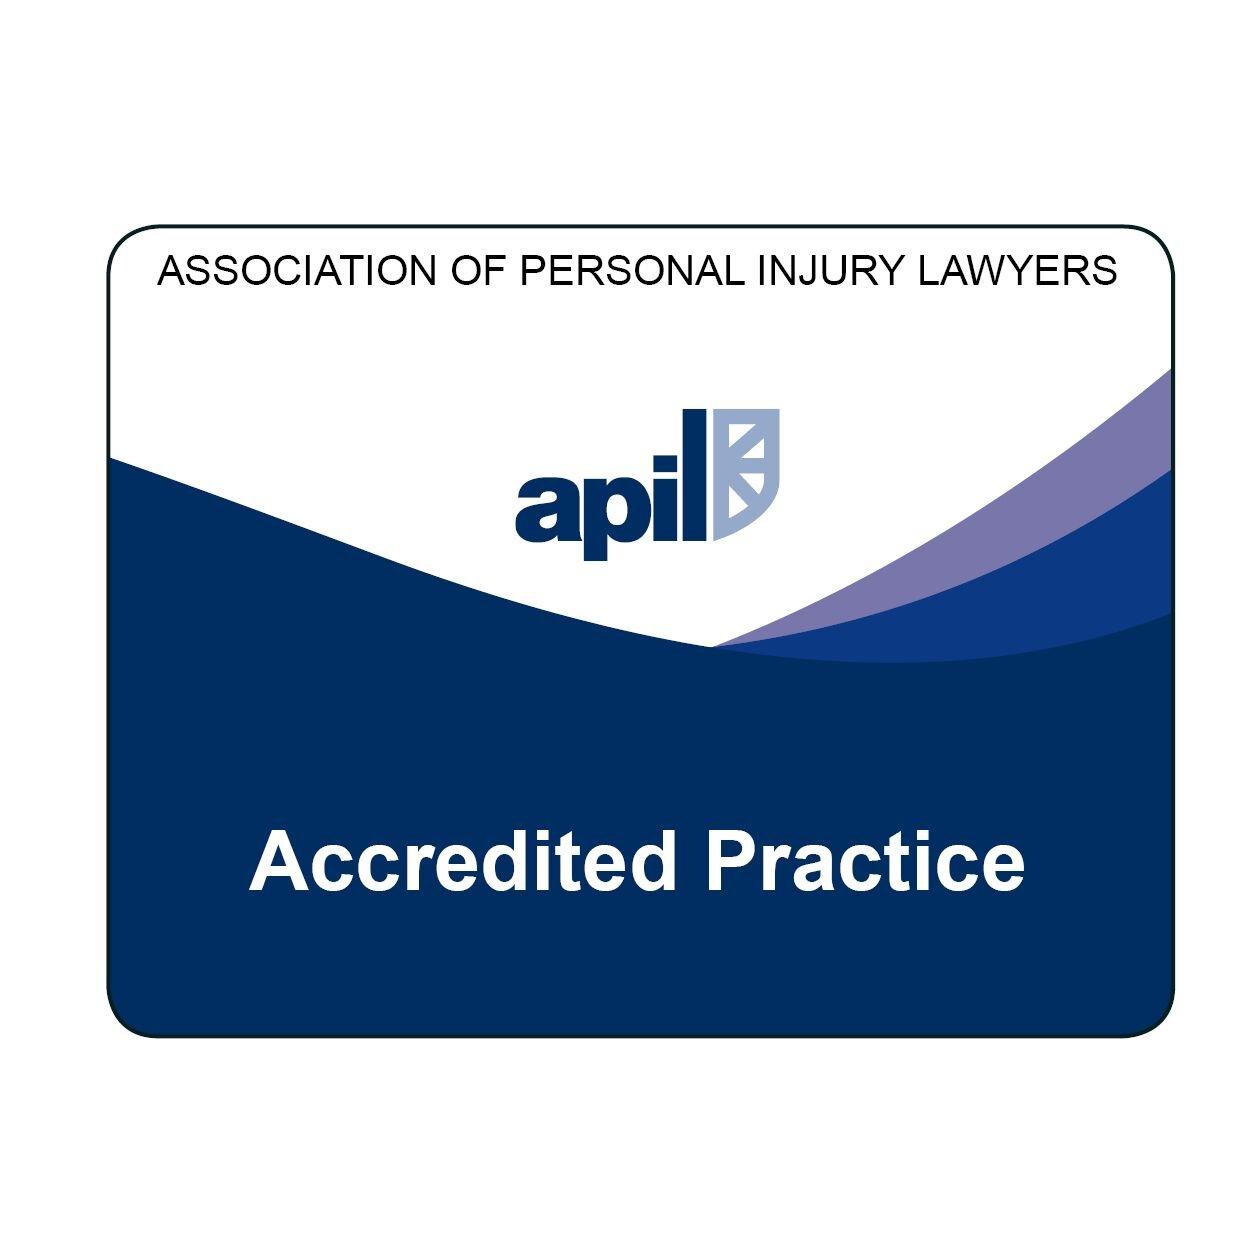 apil-practice logo.jpg